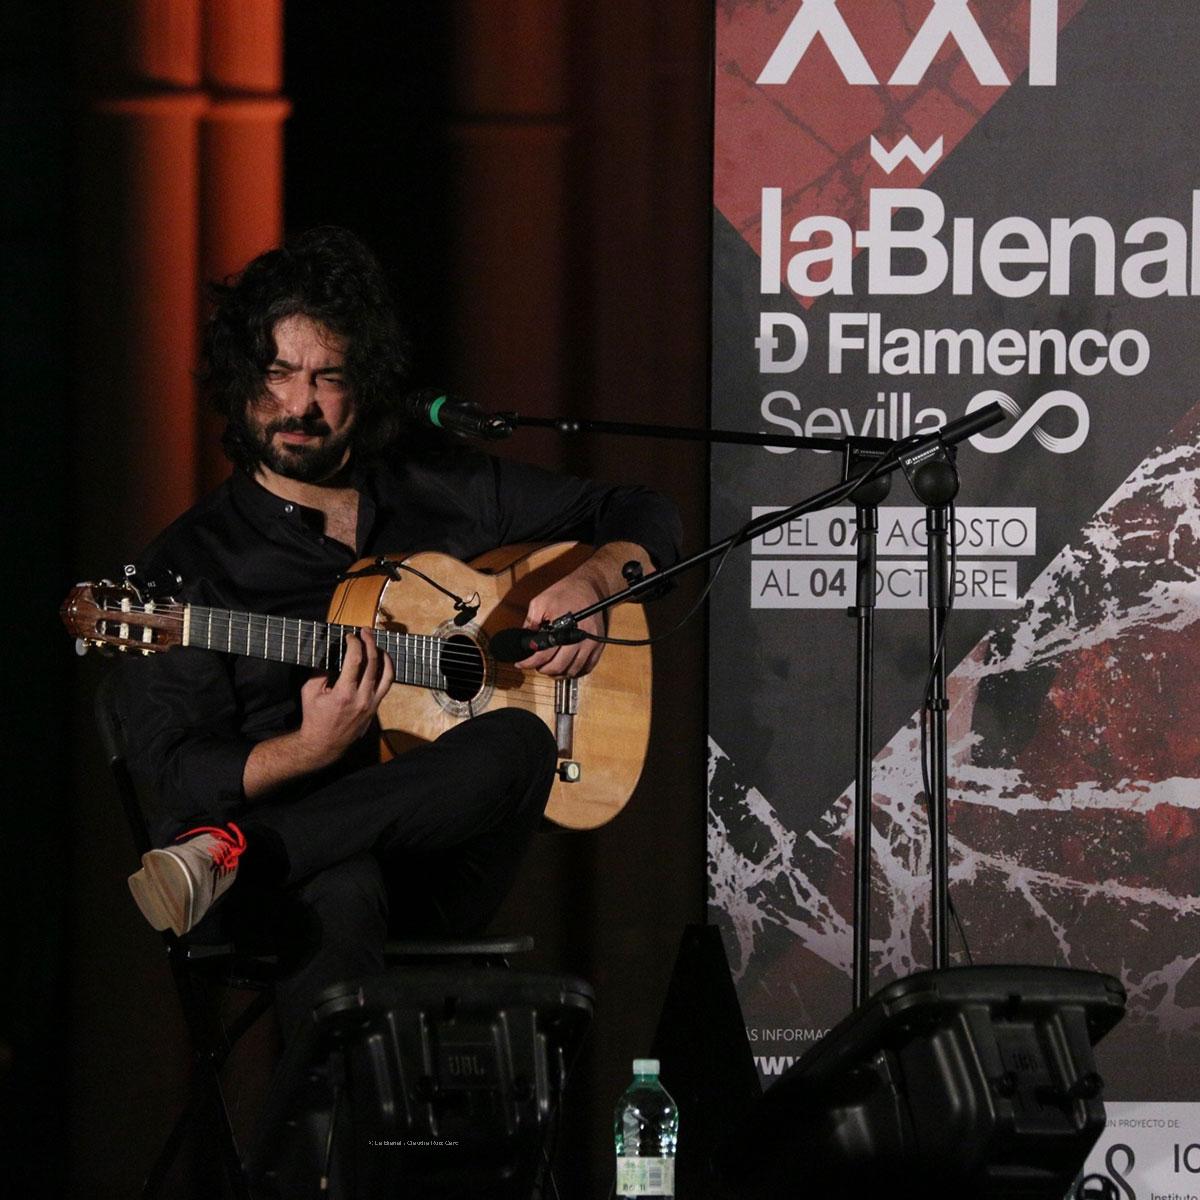 Flamenco tres culturas - Berk Gürman - La Bienal